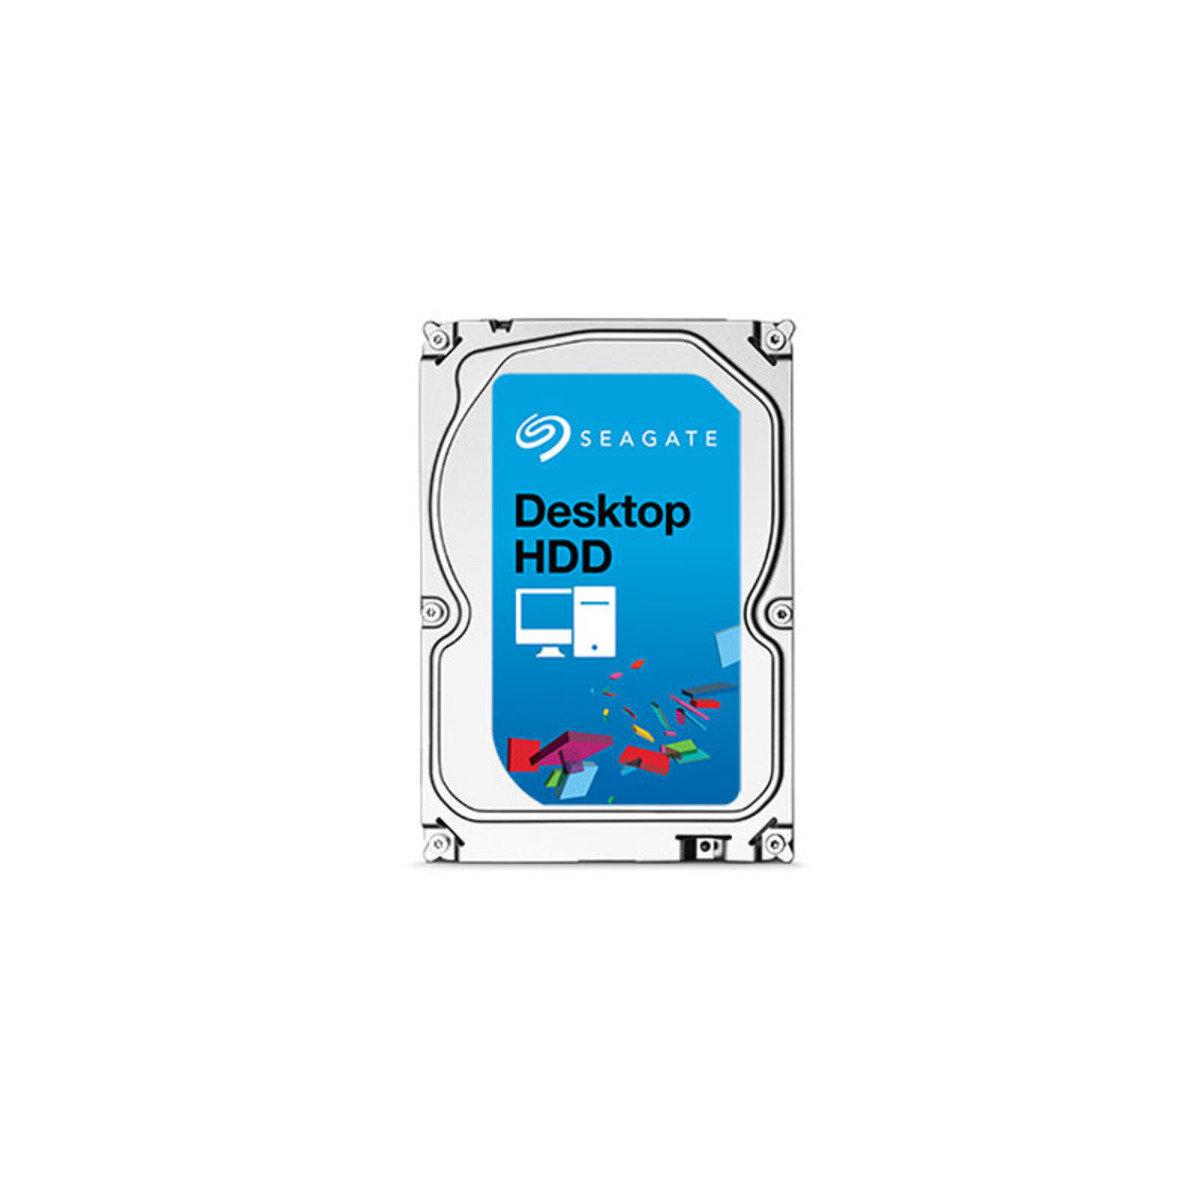 3.5吋 3TB SATA 6Gb/s 桌上型電腦 內置硬碟 ST3000DM001